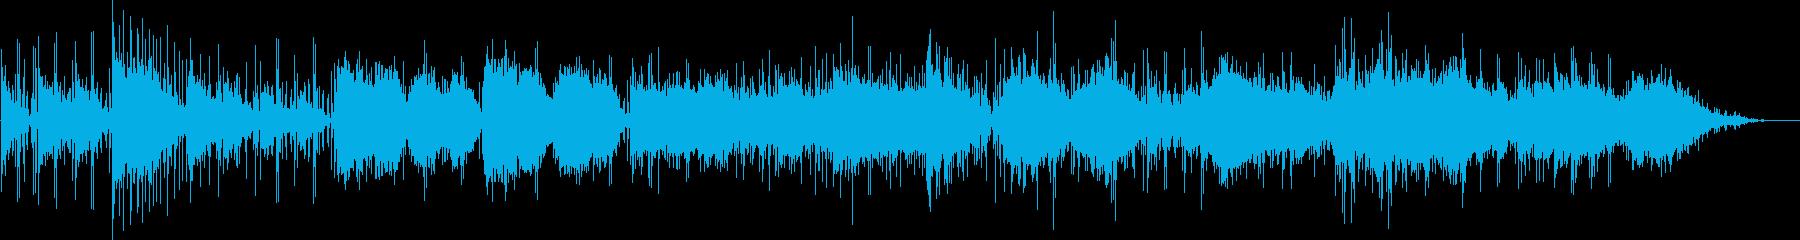 穏やかな海を表現したヒーリング曲の再生済みの波形